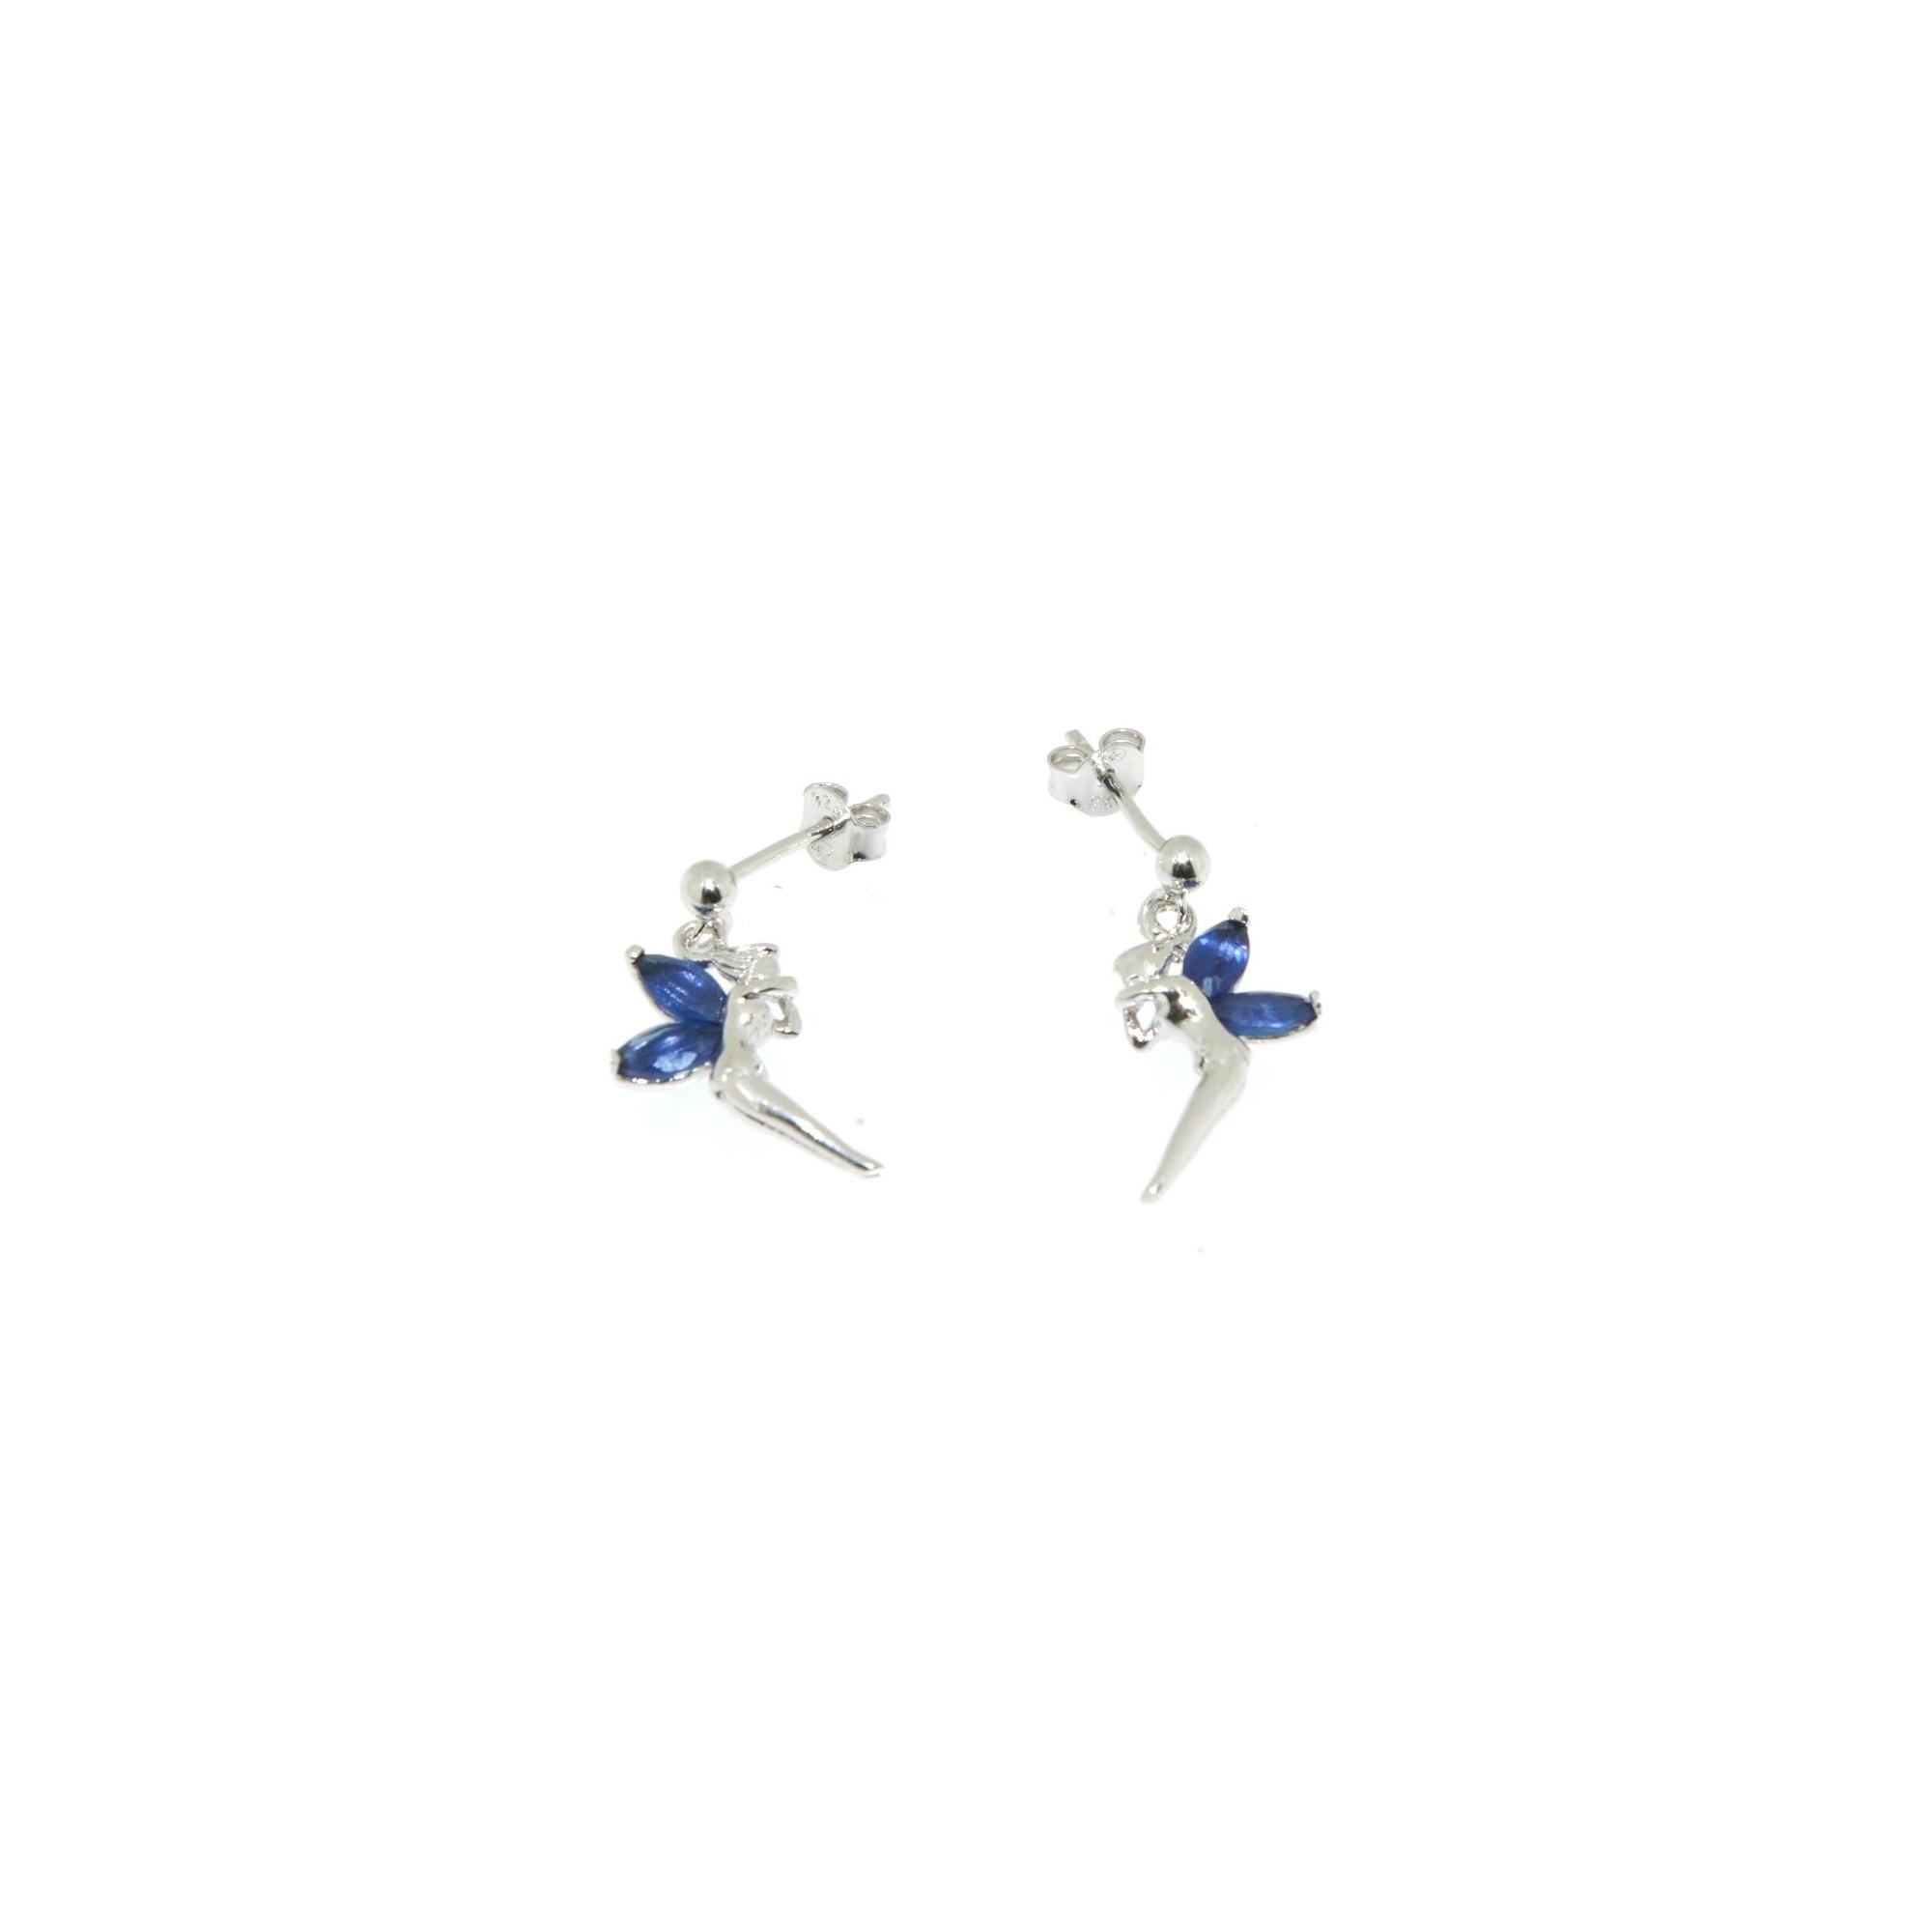 boucle d'oreille argent et bleu